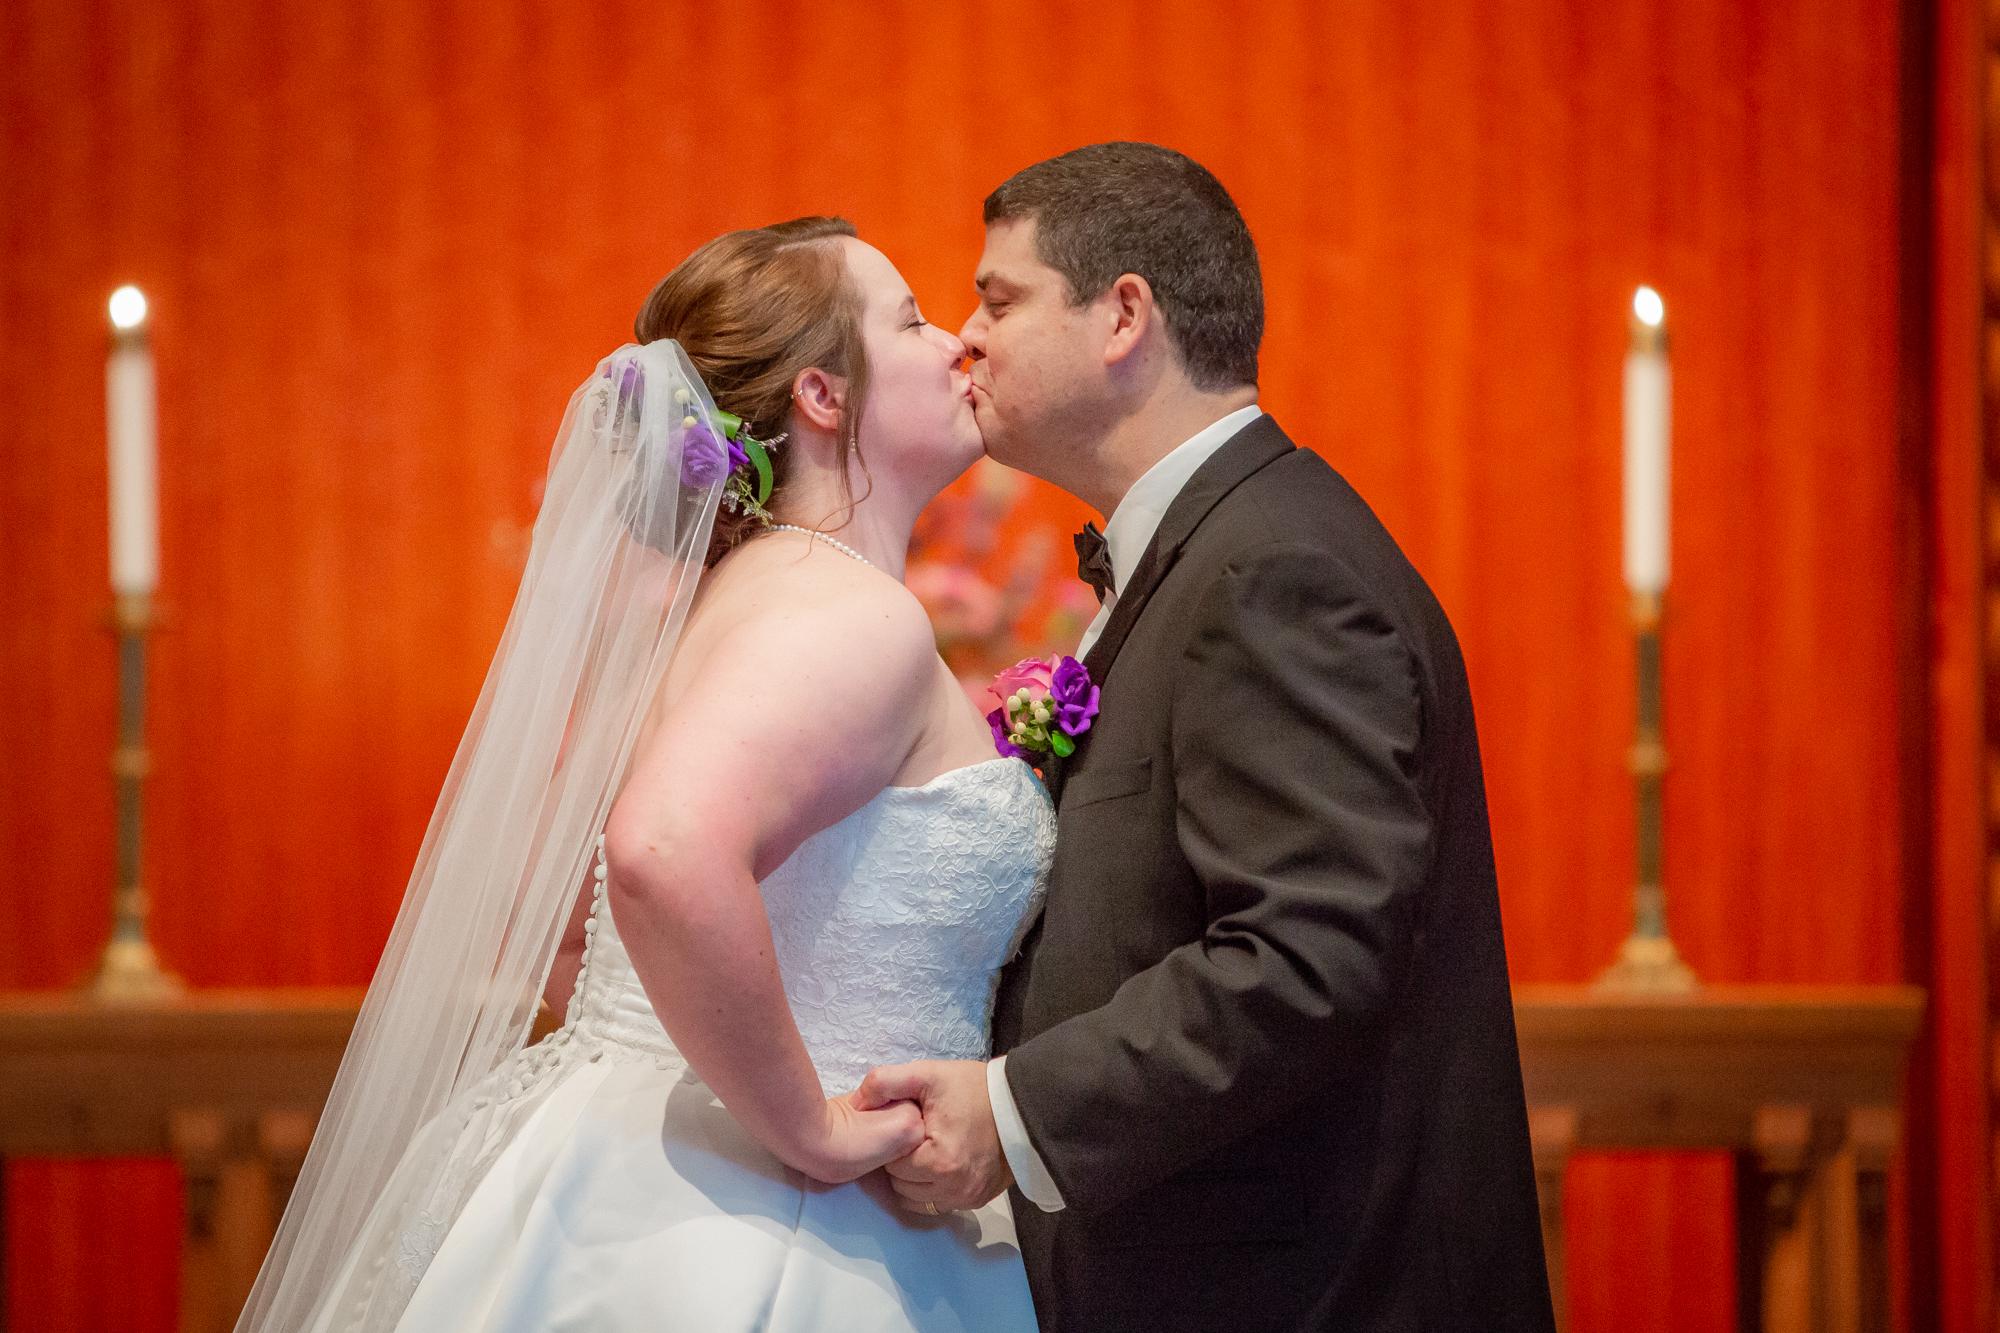 Elmira-Park-Church-Wedding-2781.jpg